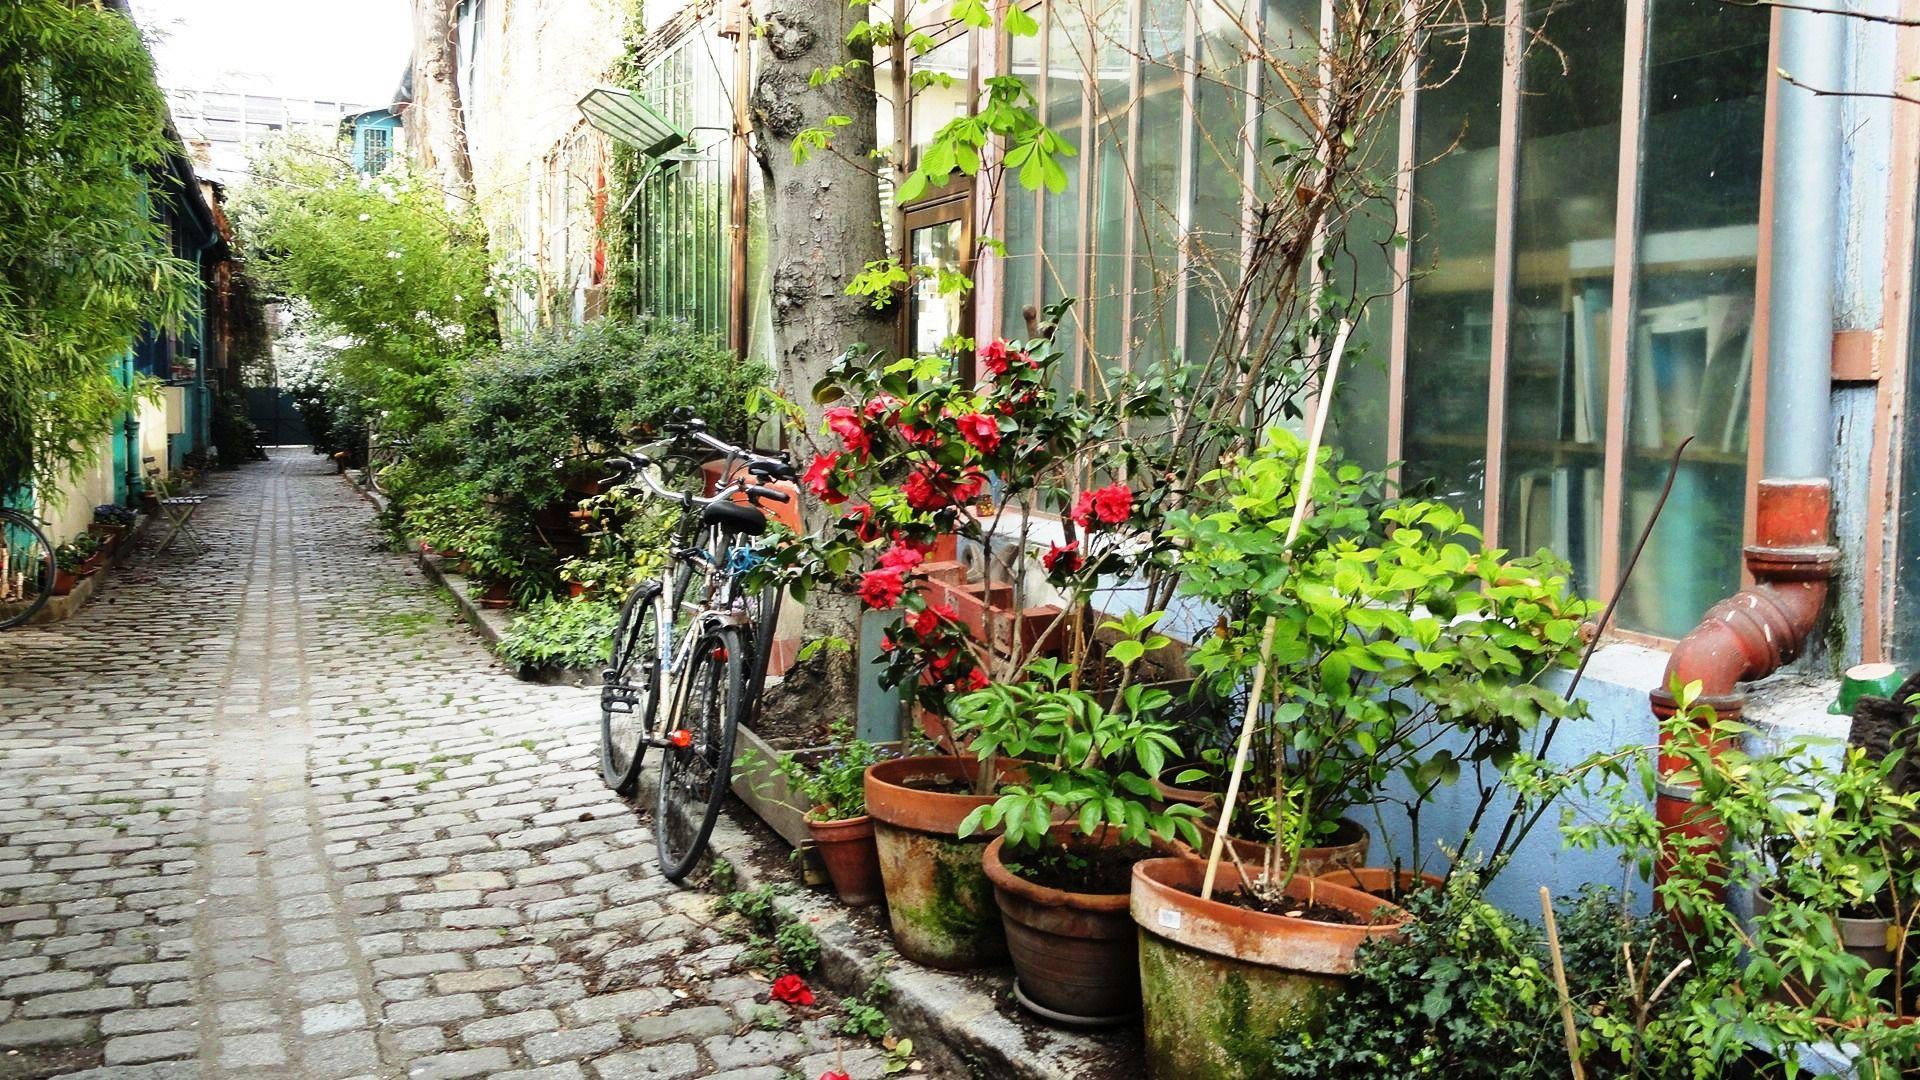 La Cité Verte - 147 rue Léon Maurice Nordmann, Paris 12e | y aller ...